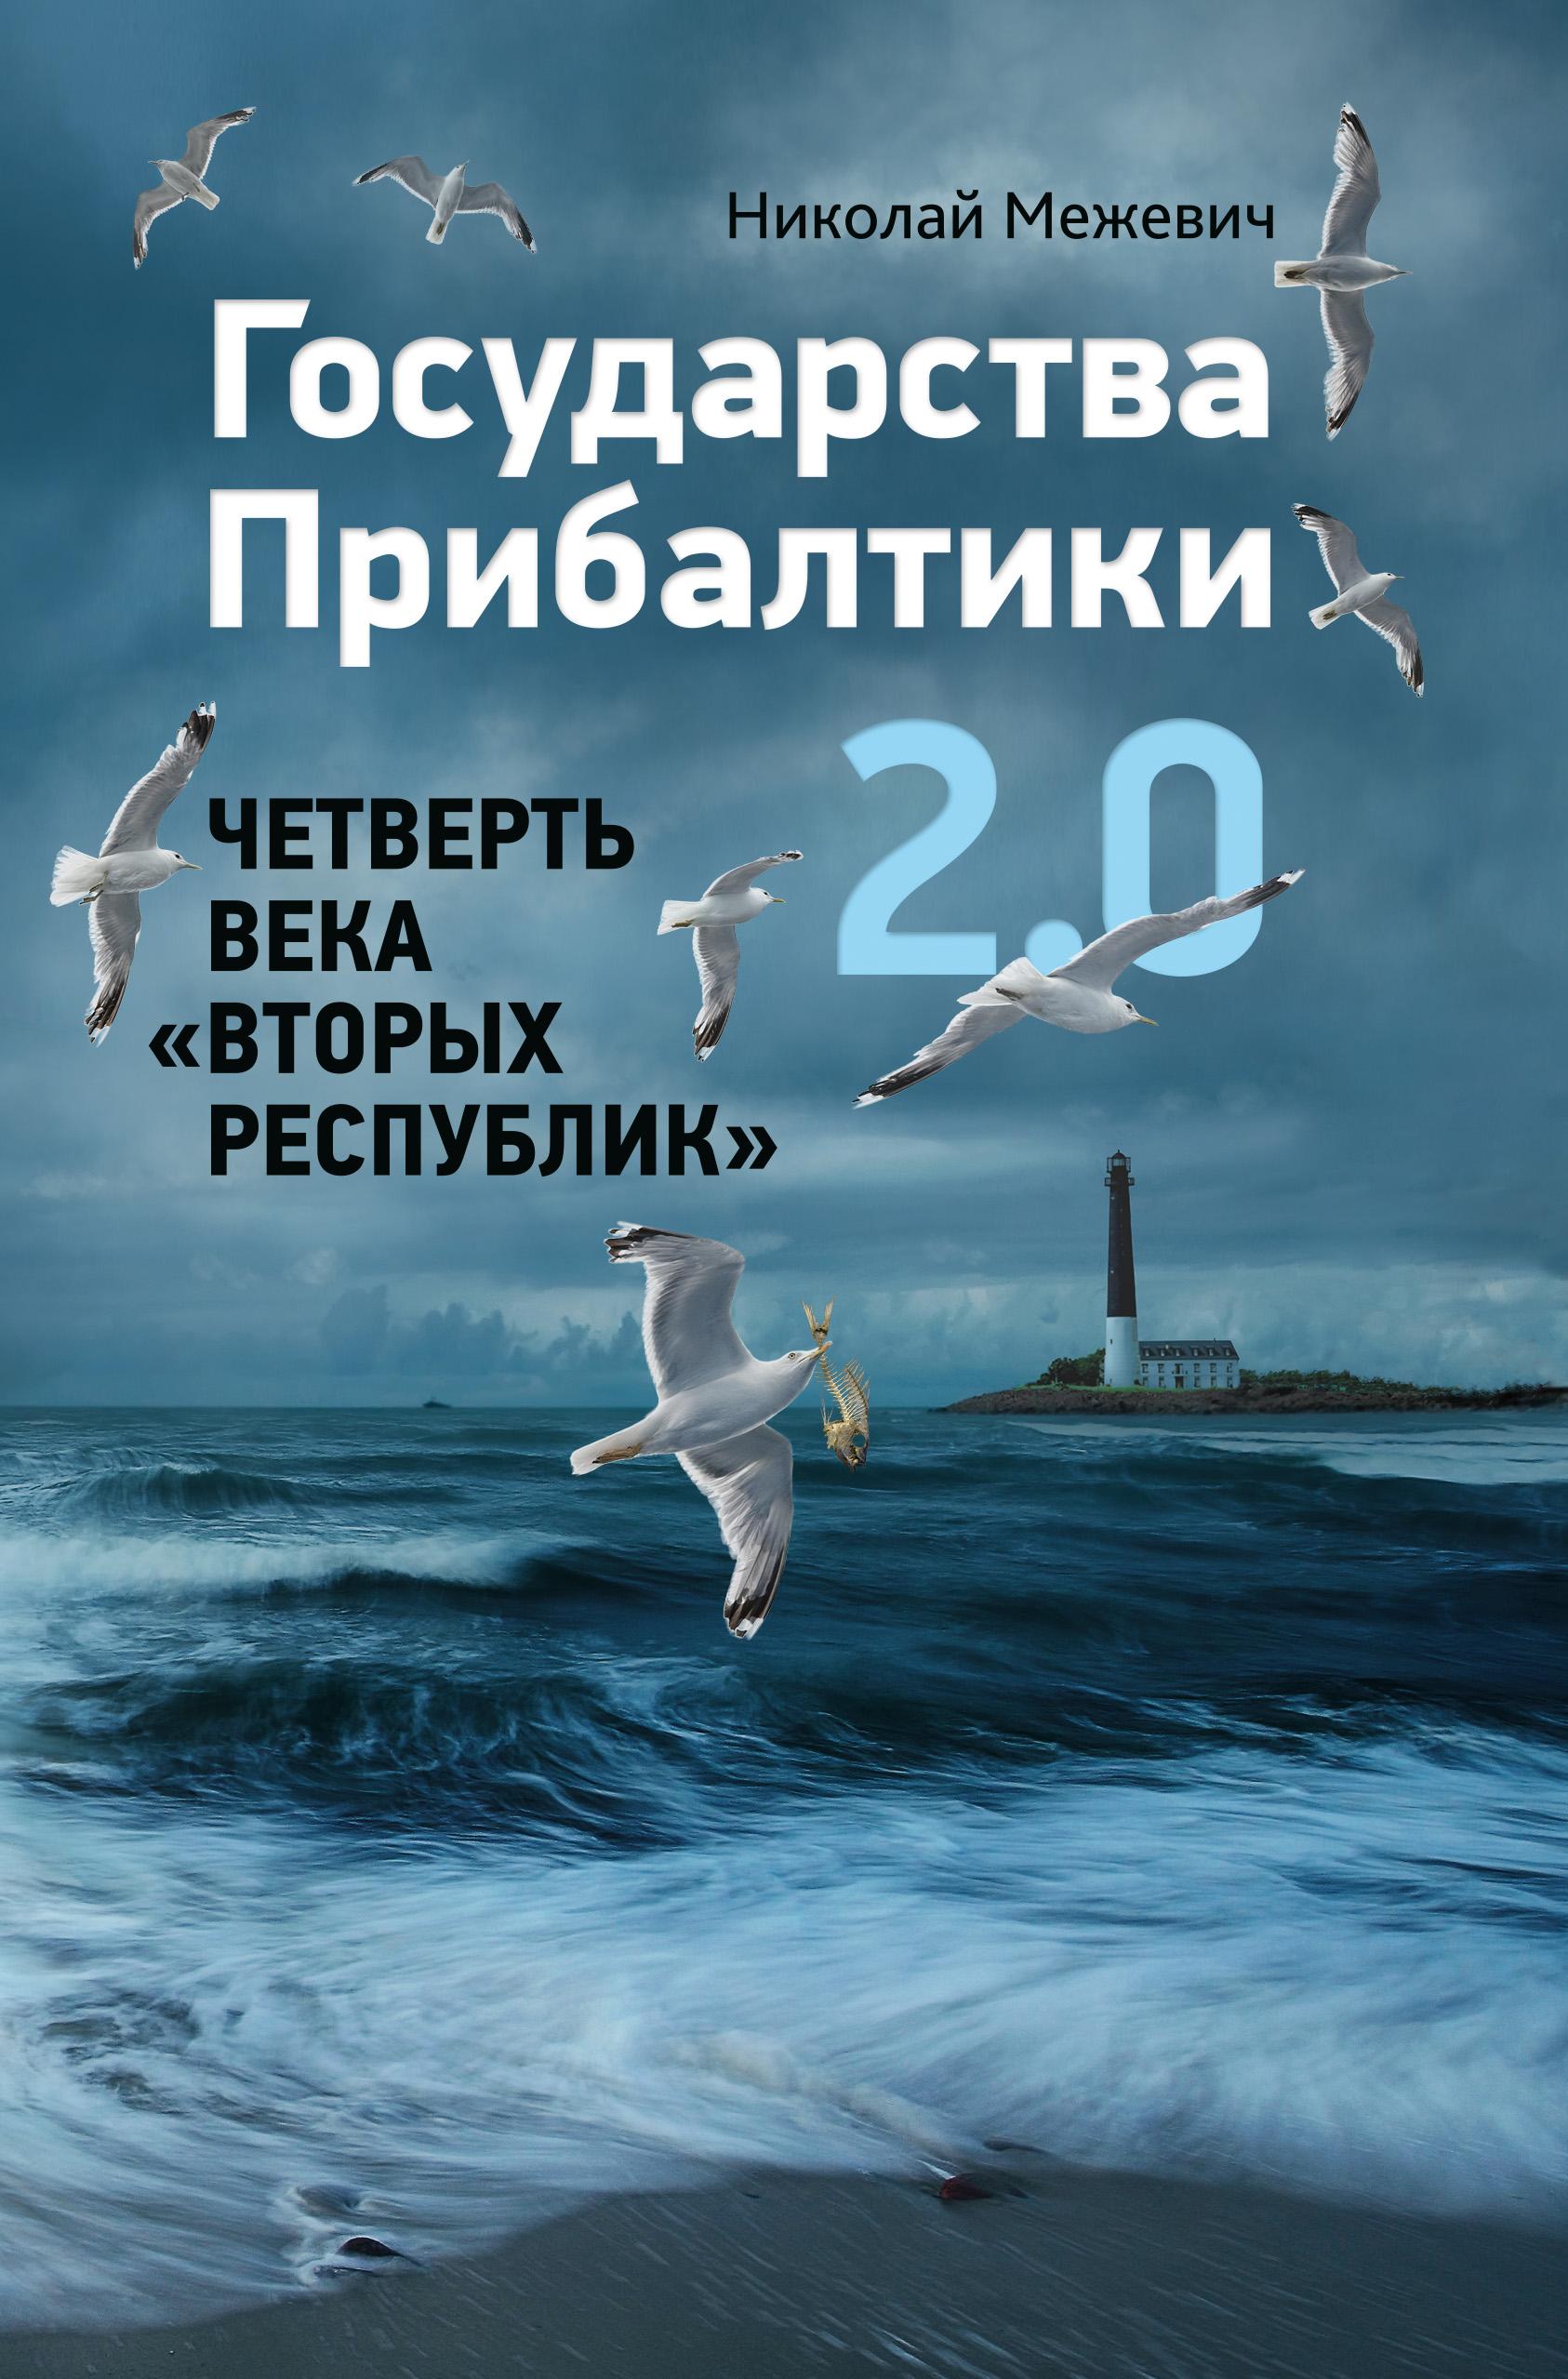 Обложка книги. Автор - Николай Межевич